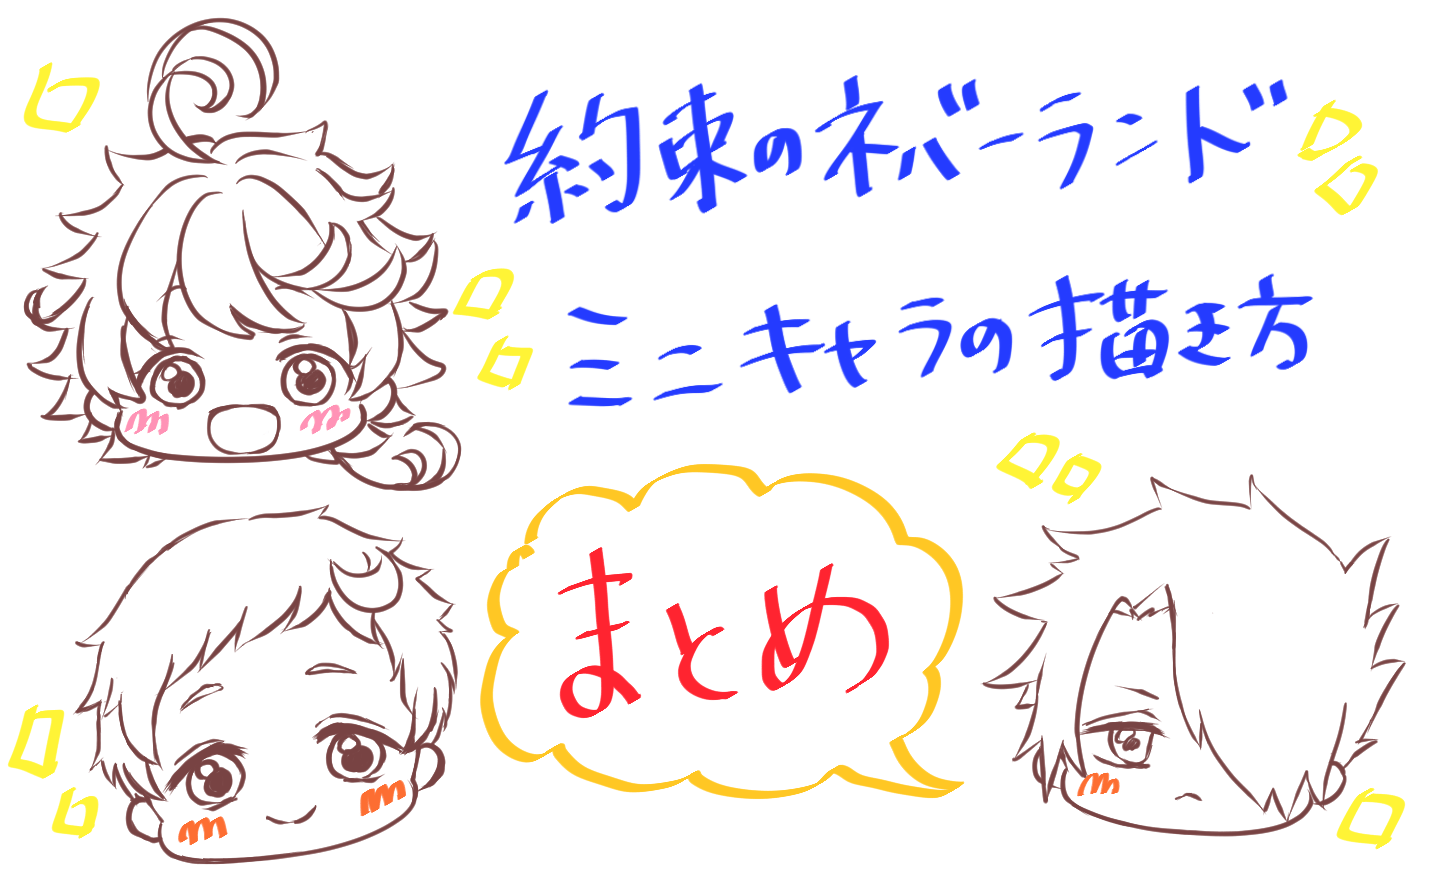 方 ミニキャラ 描き ミニキャラクターを描いてみよう!